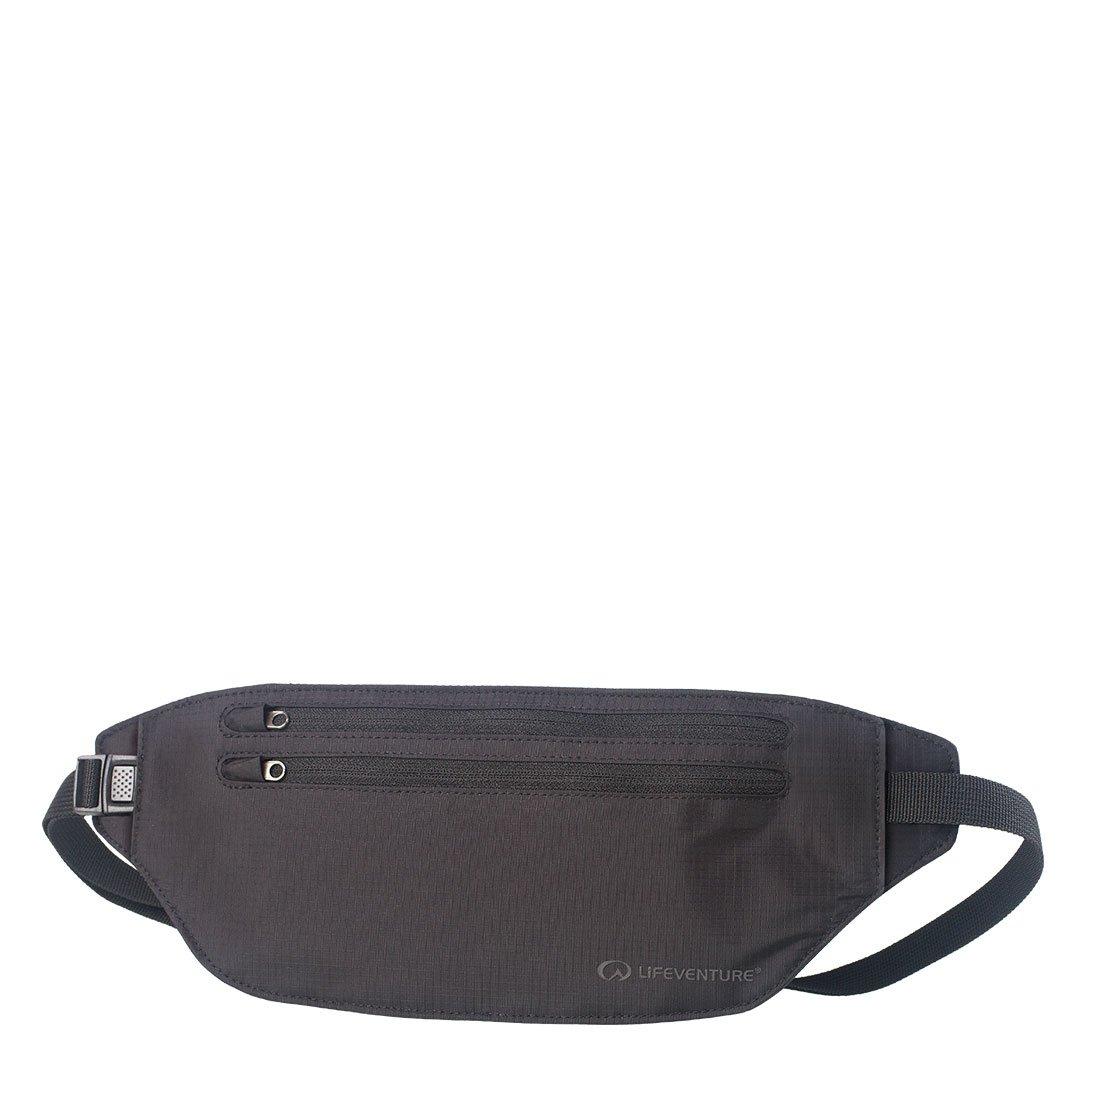 Waterproof Waist Wallet | Hydroseal Body Wallet